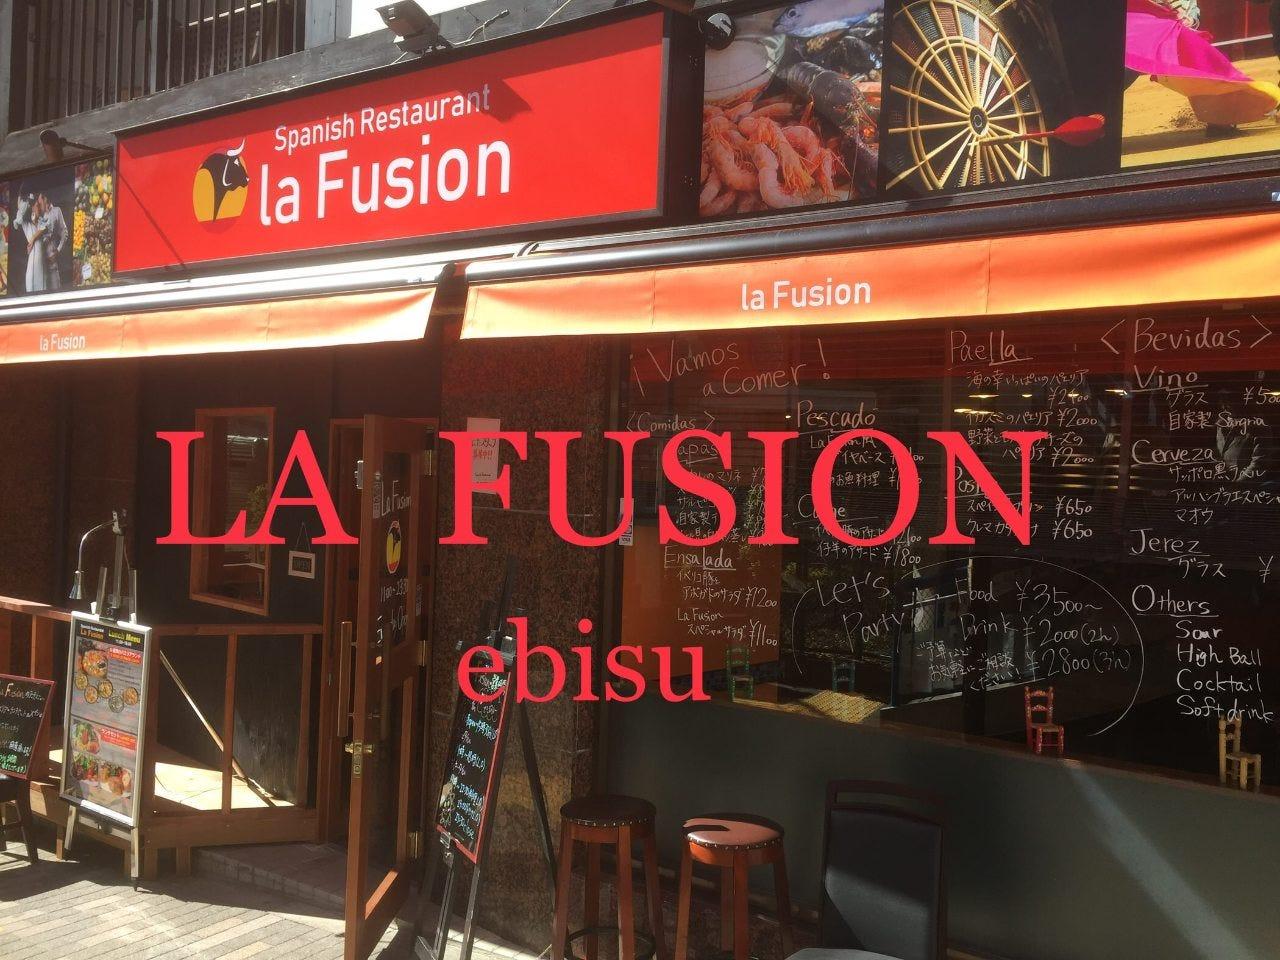 恵比寿 スペイン料理 ラ・フュージョン